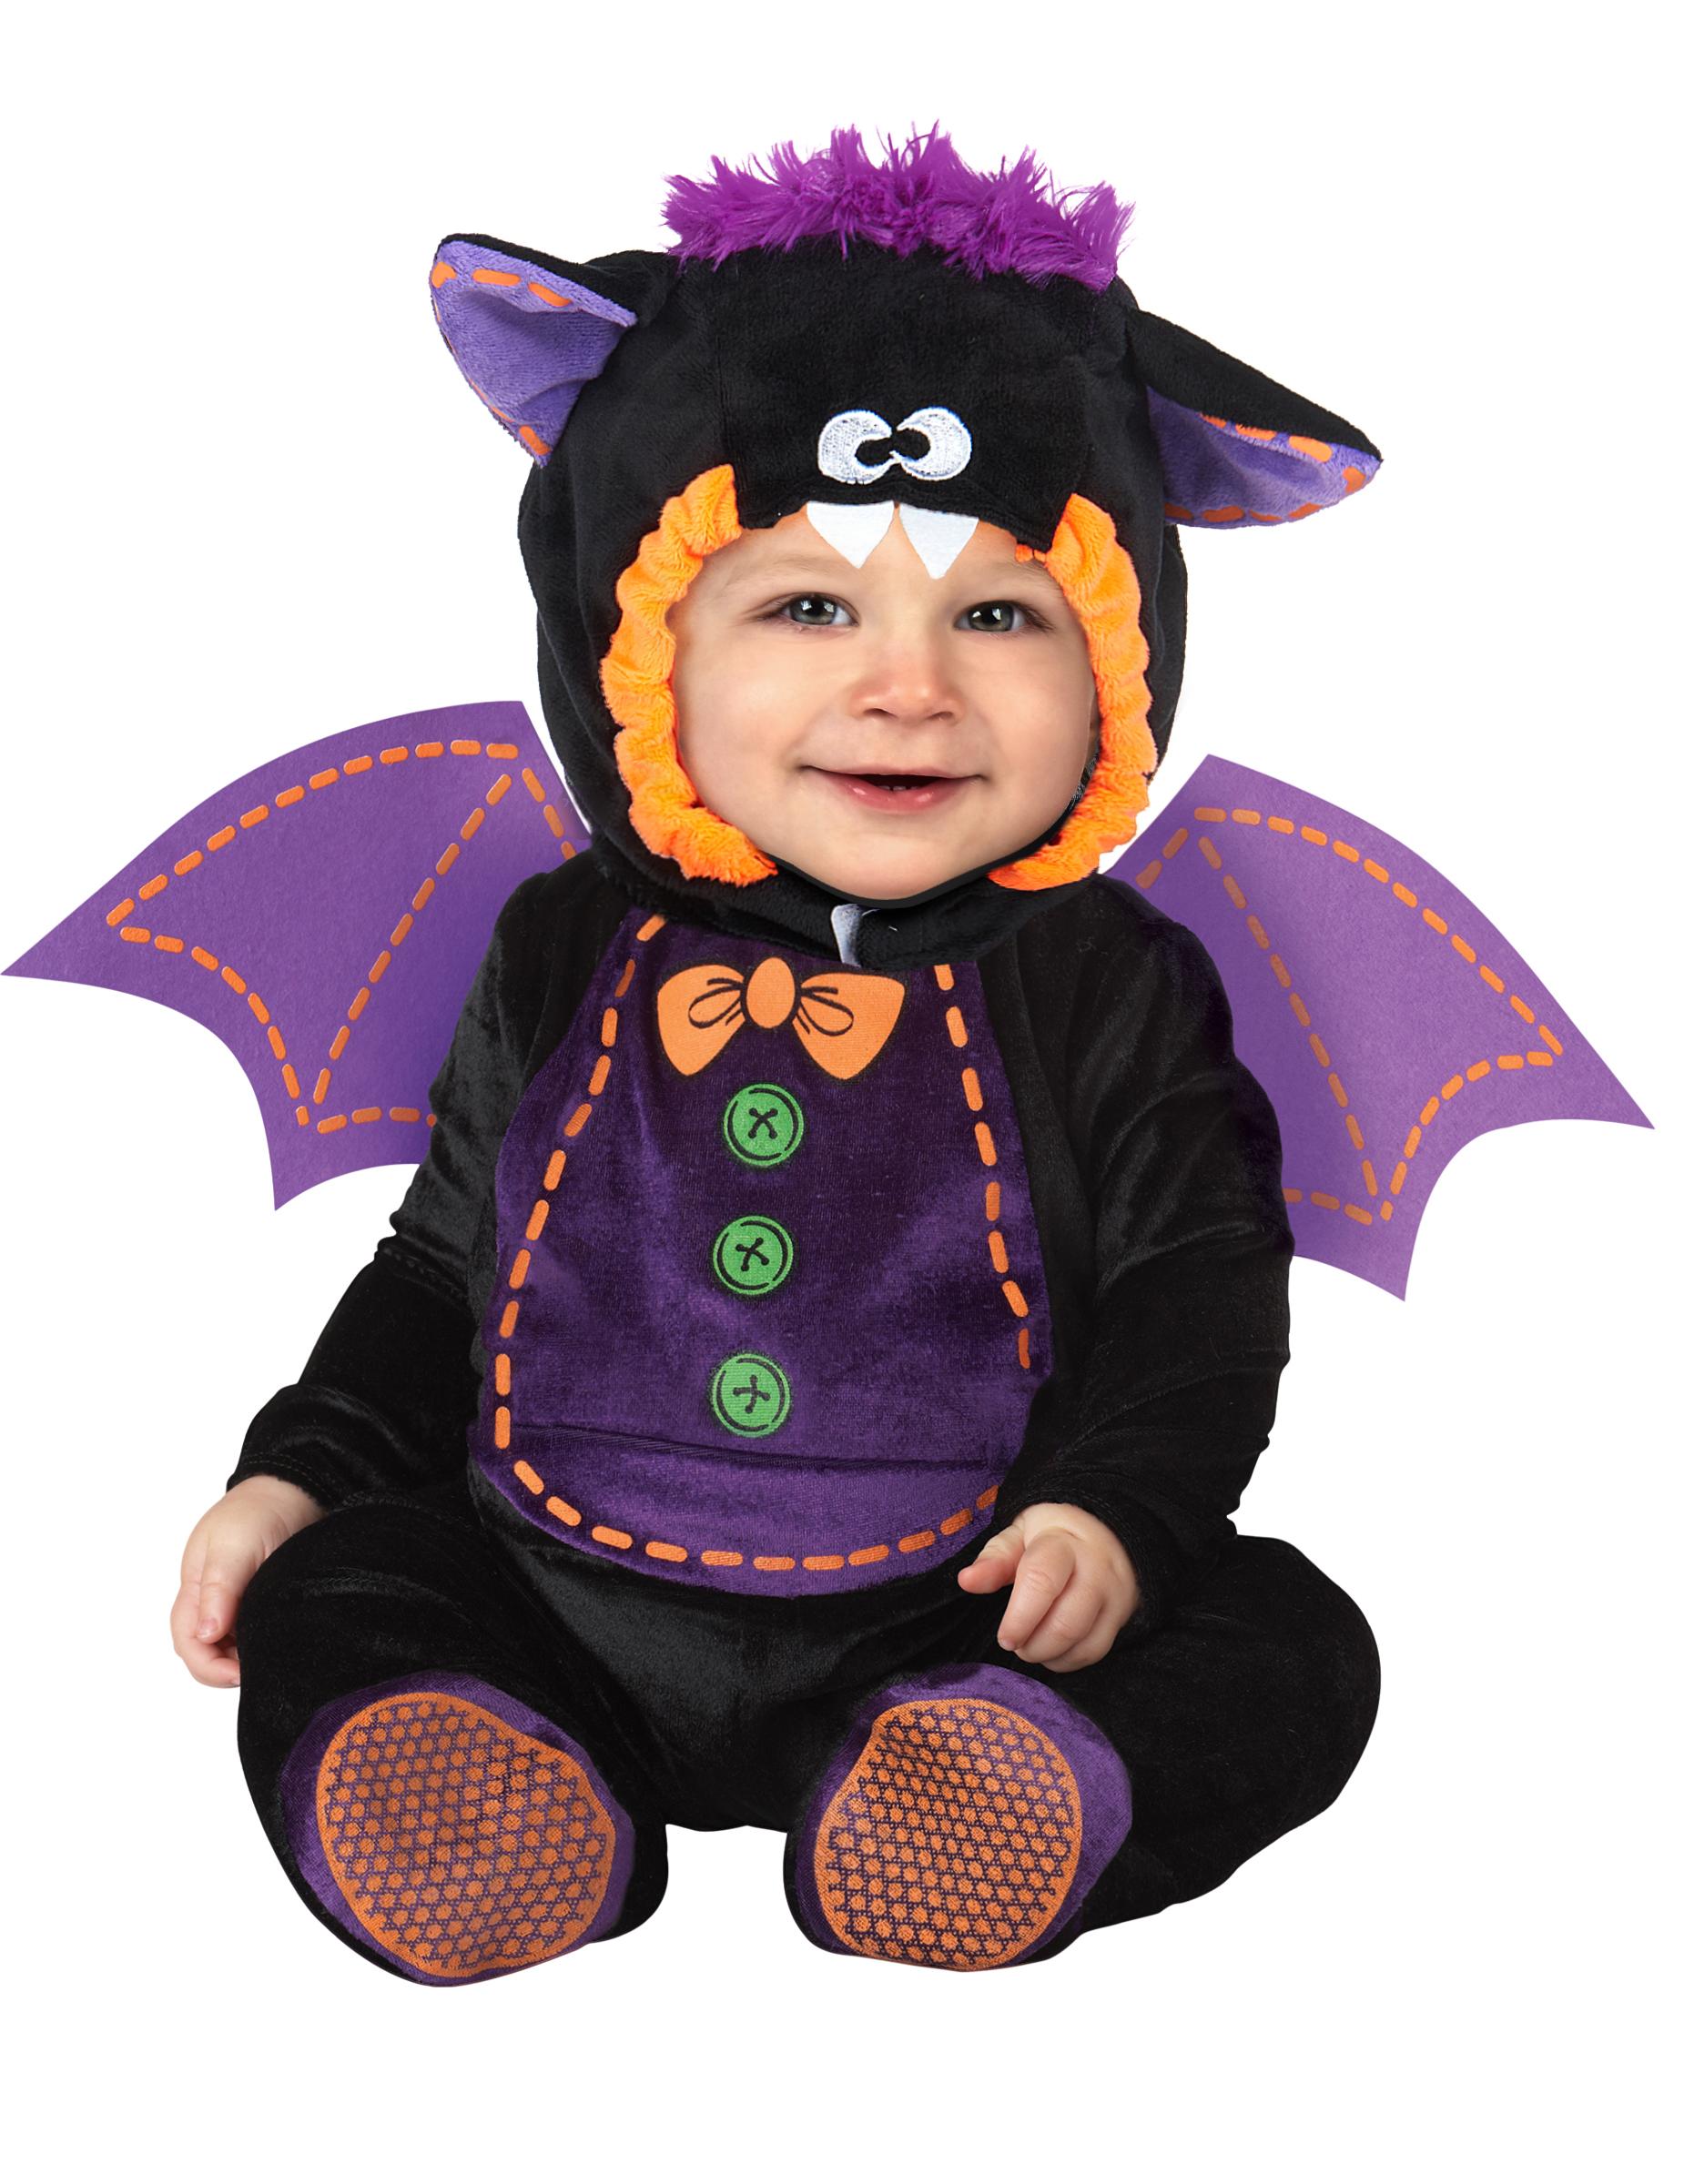 Costume Pipistrello per neonato - Classico  Costumi bambini 7dc353a597a8